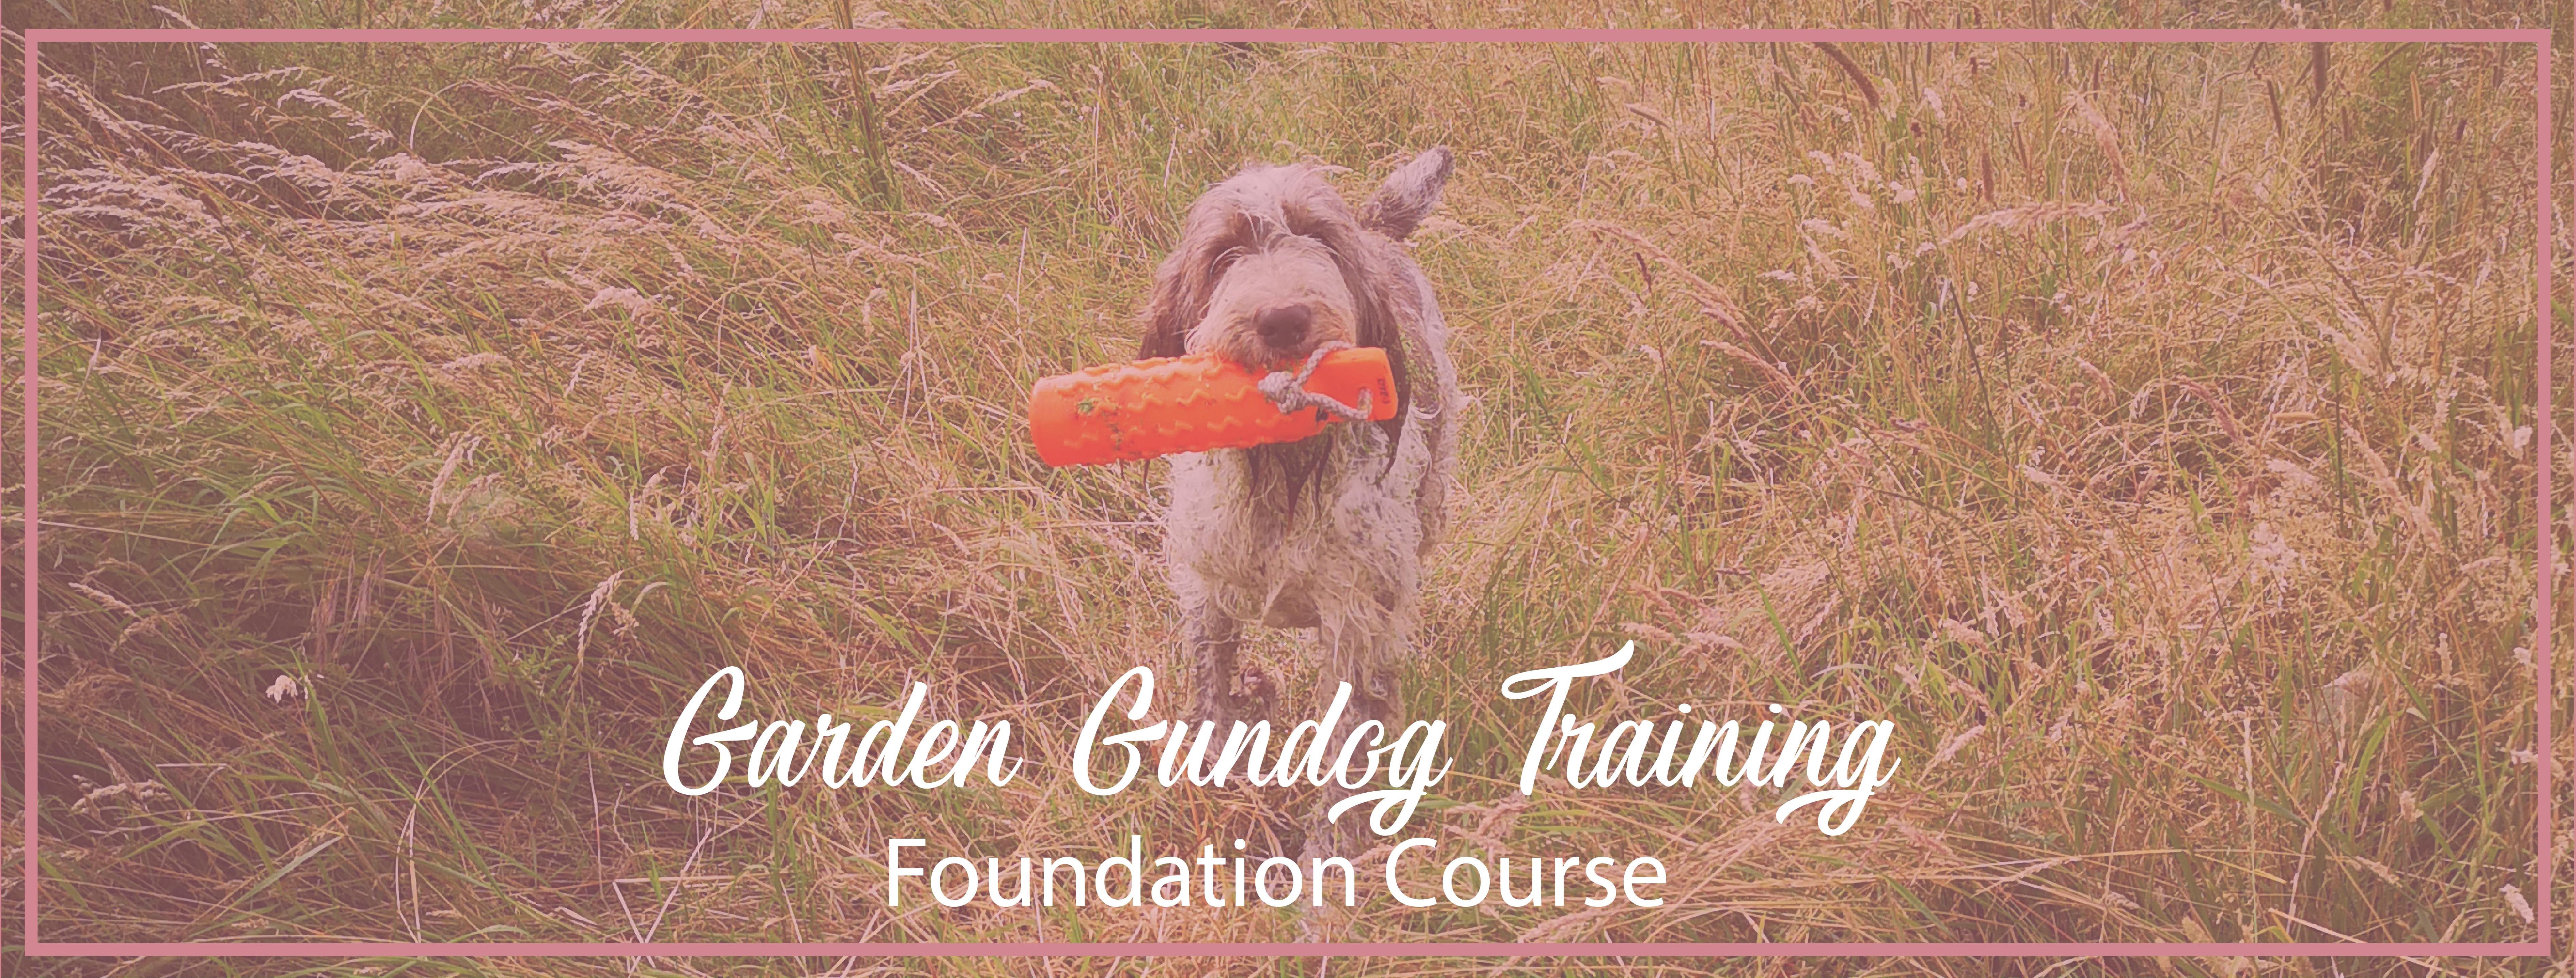 GGundog Foundation Course-01